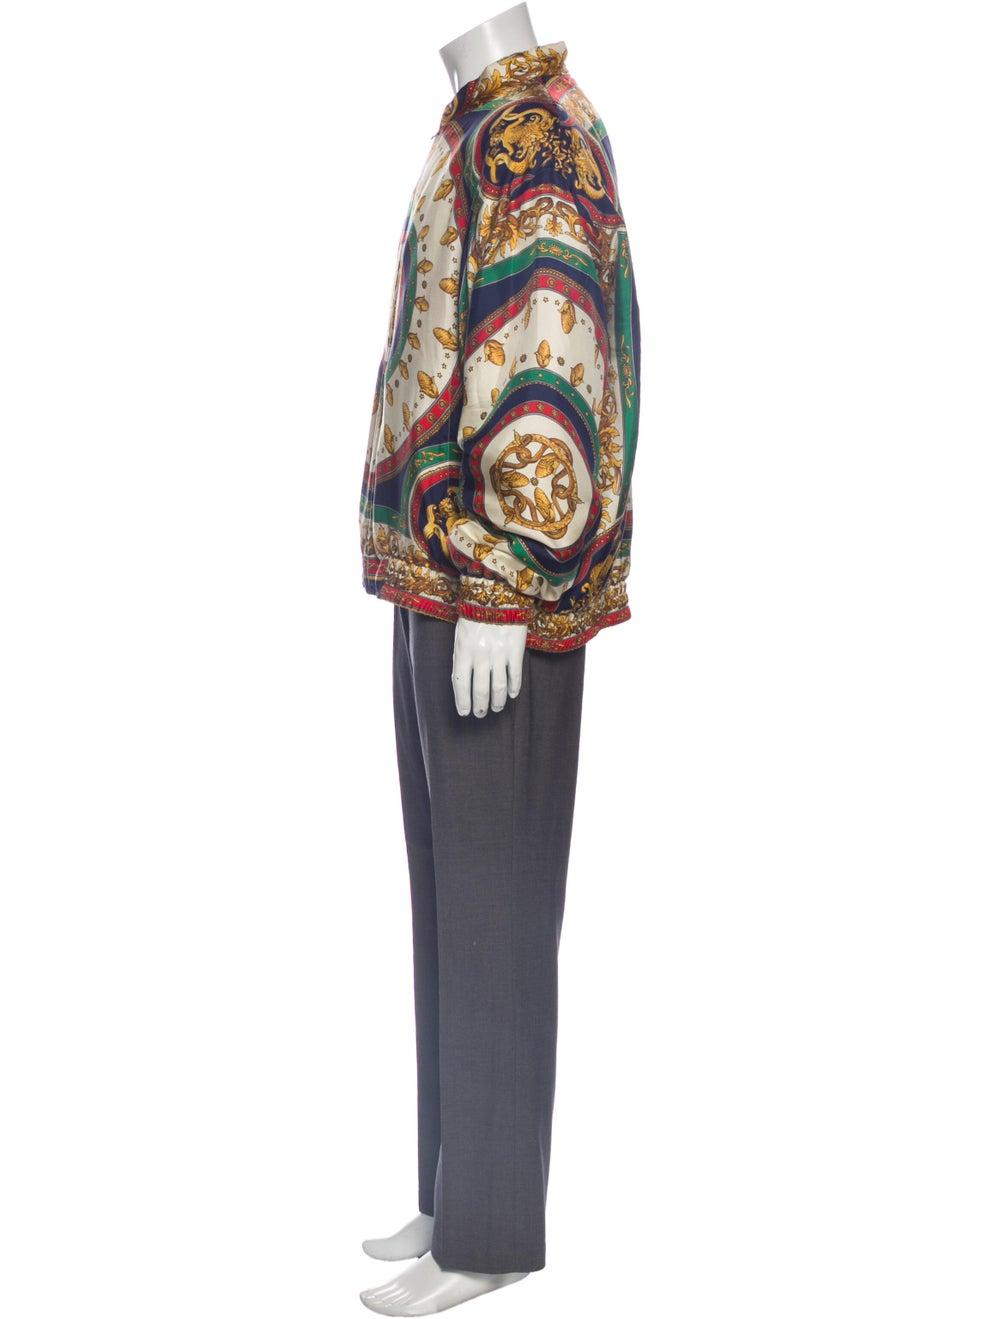 Gucci 2019 Mermaid Circle Bomber Jacket w/ Tags - image 2